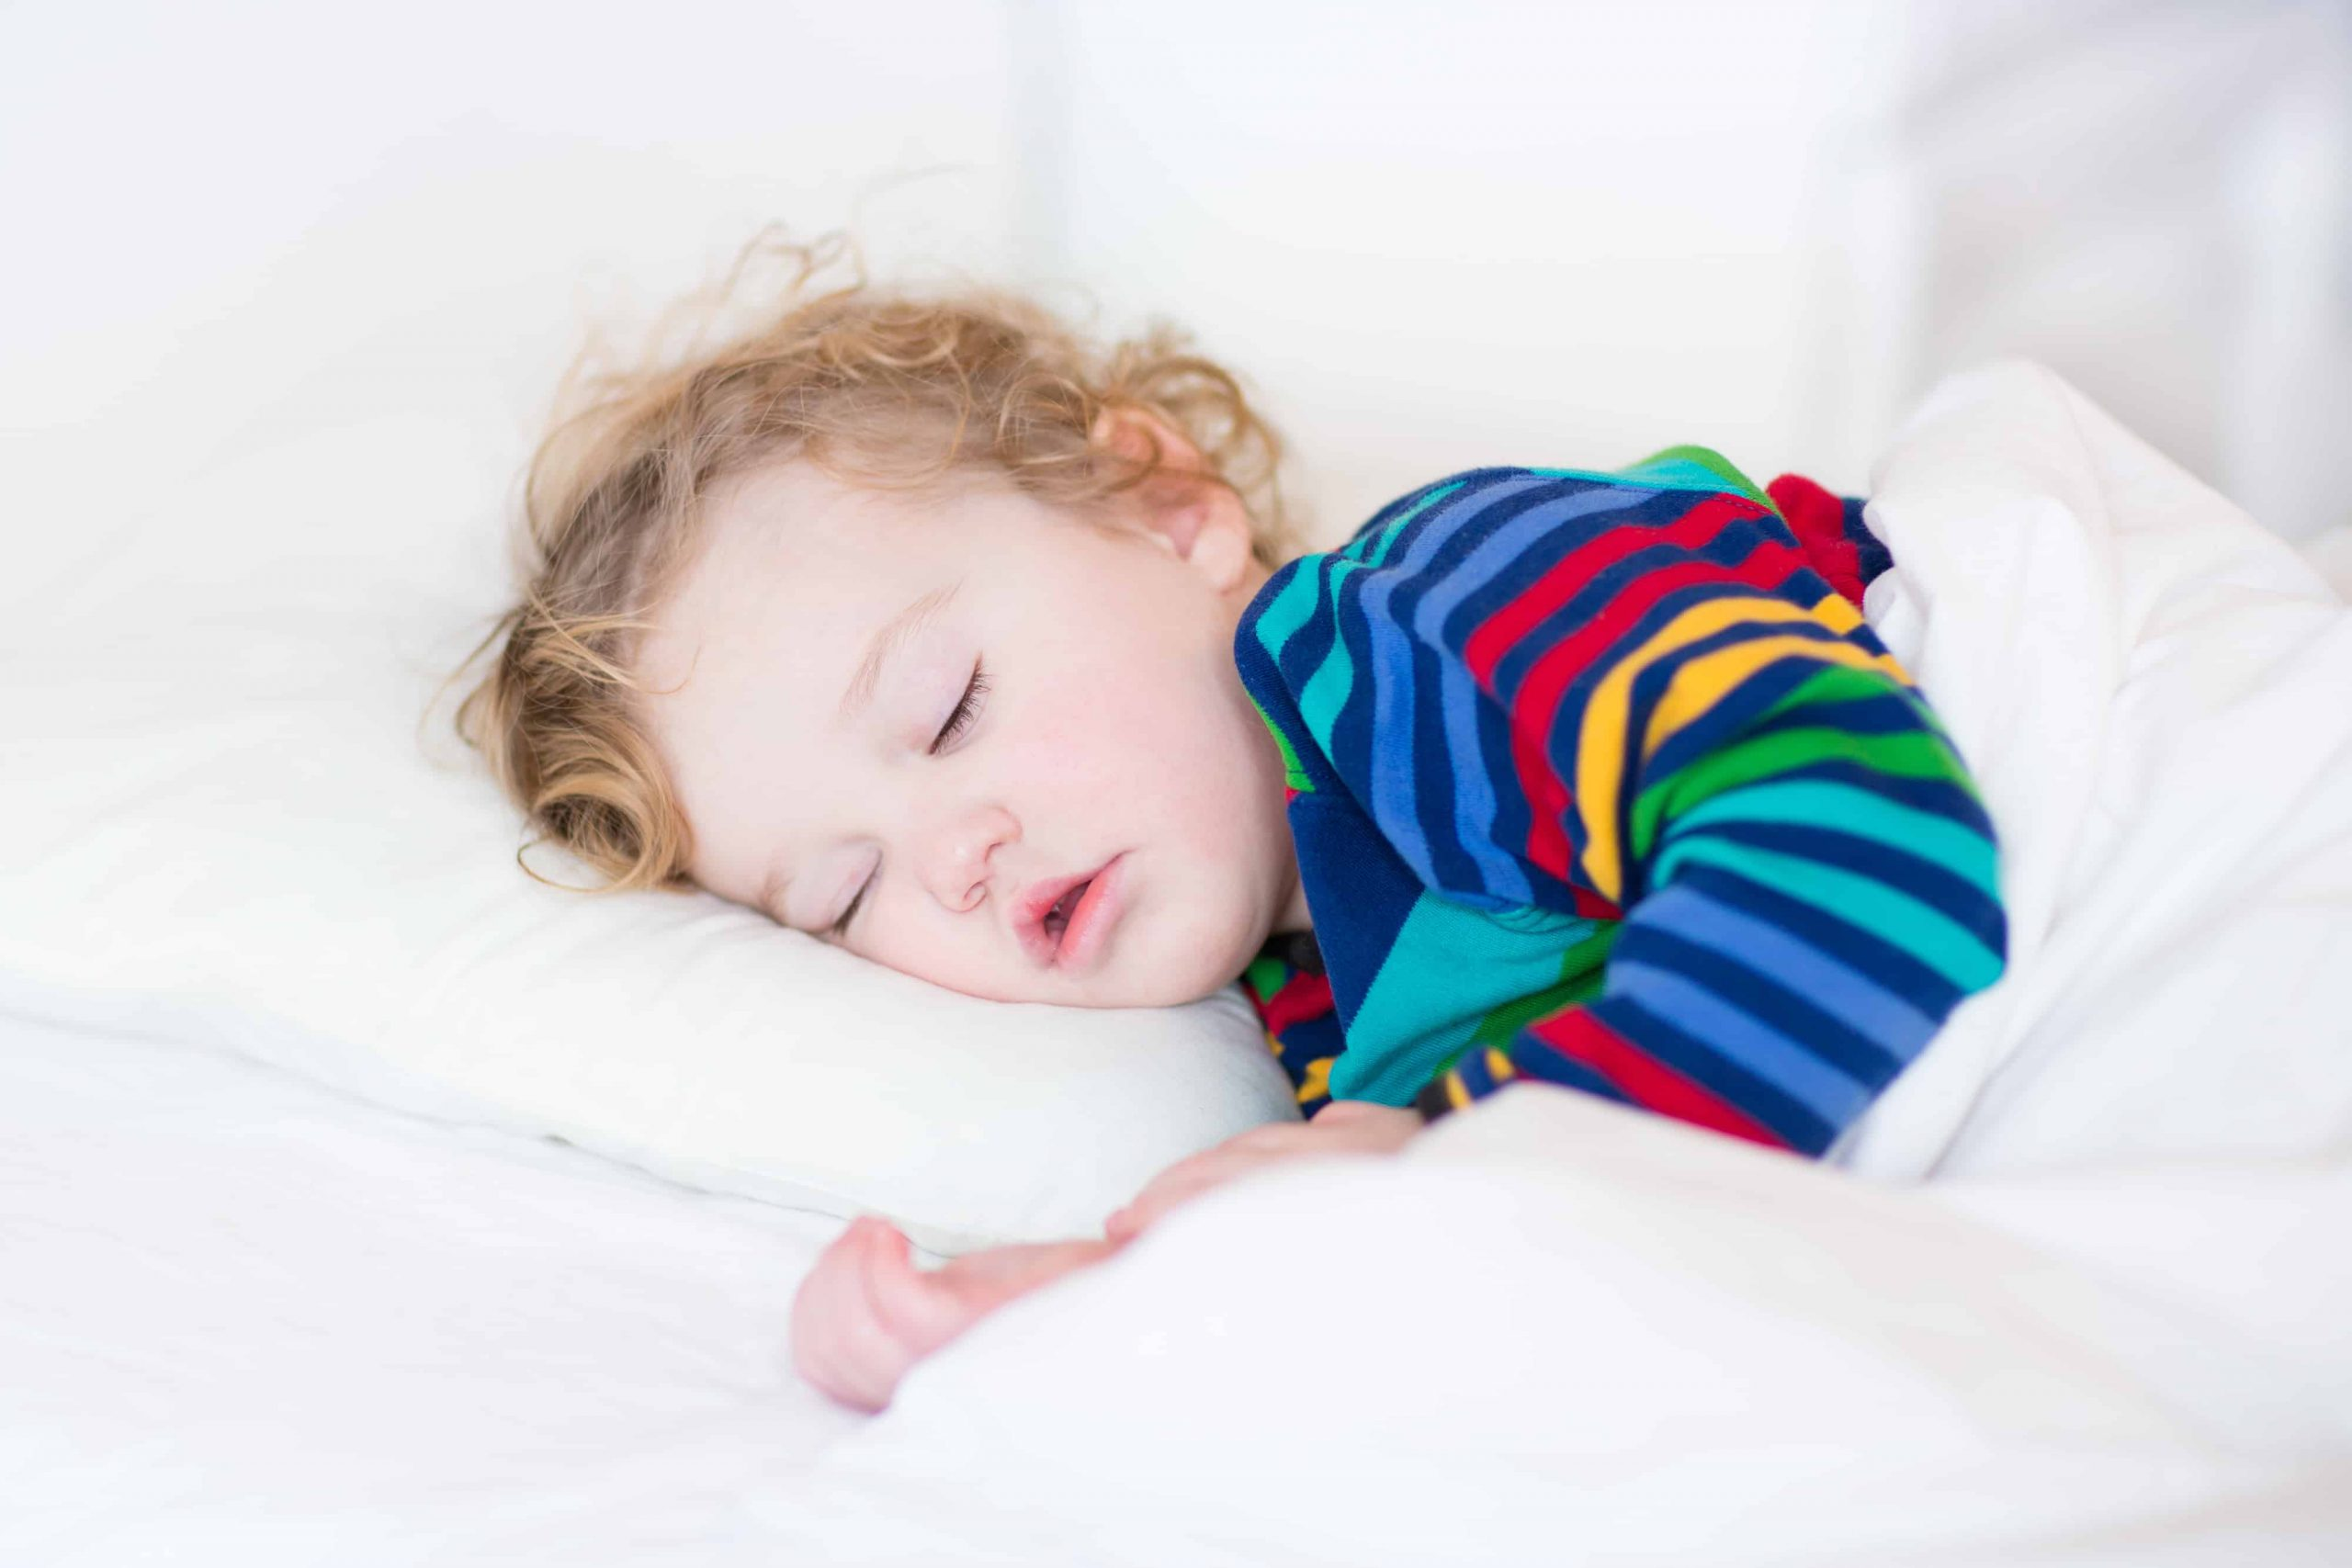 Kindermatratze: Test & Empfehlungen (05/21)